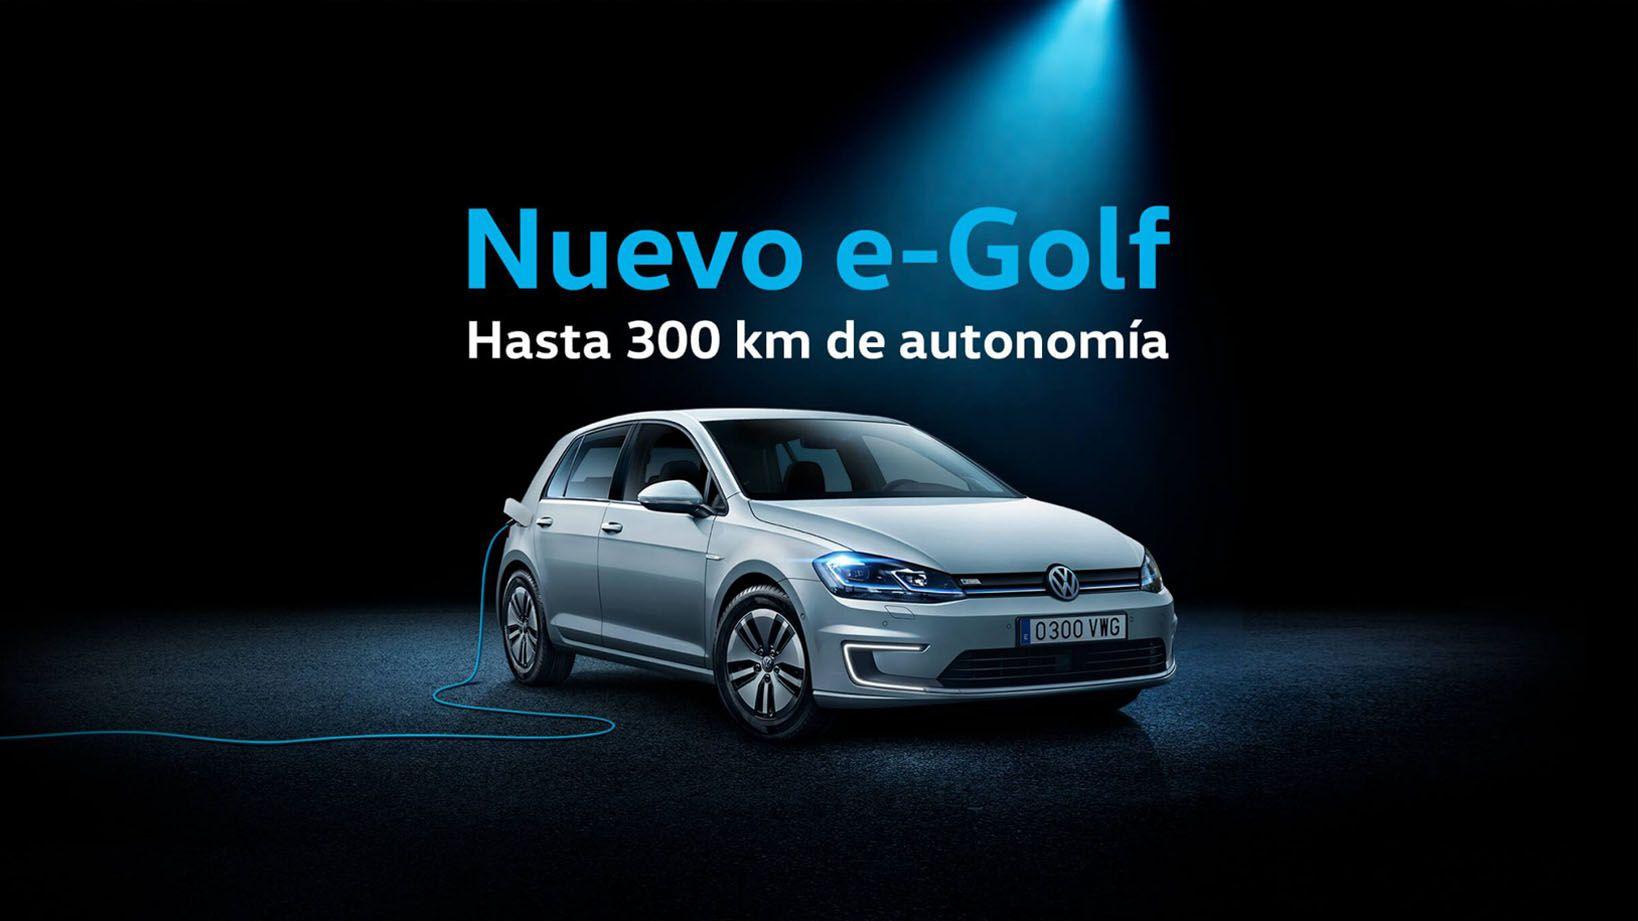 NUEVO e-GOLF